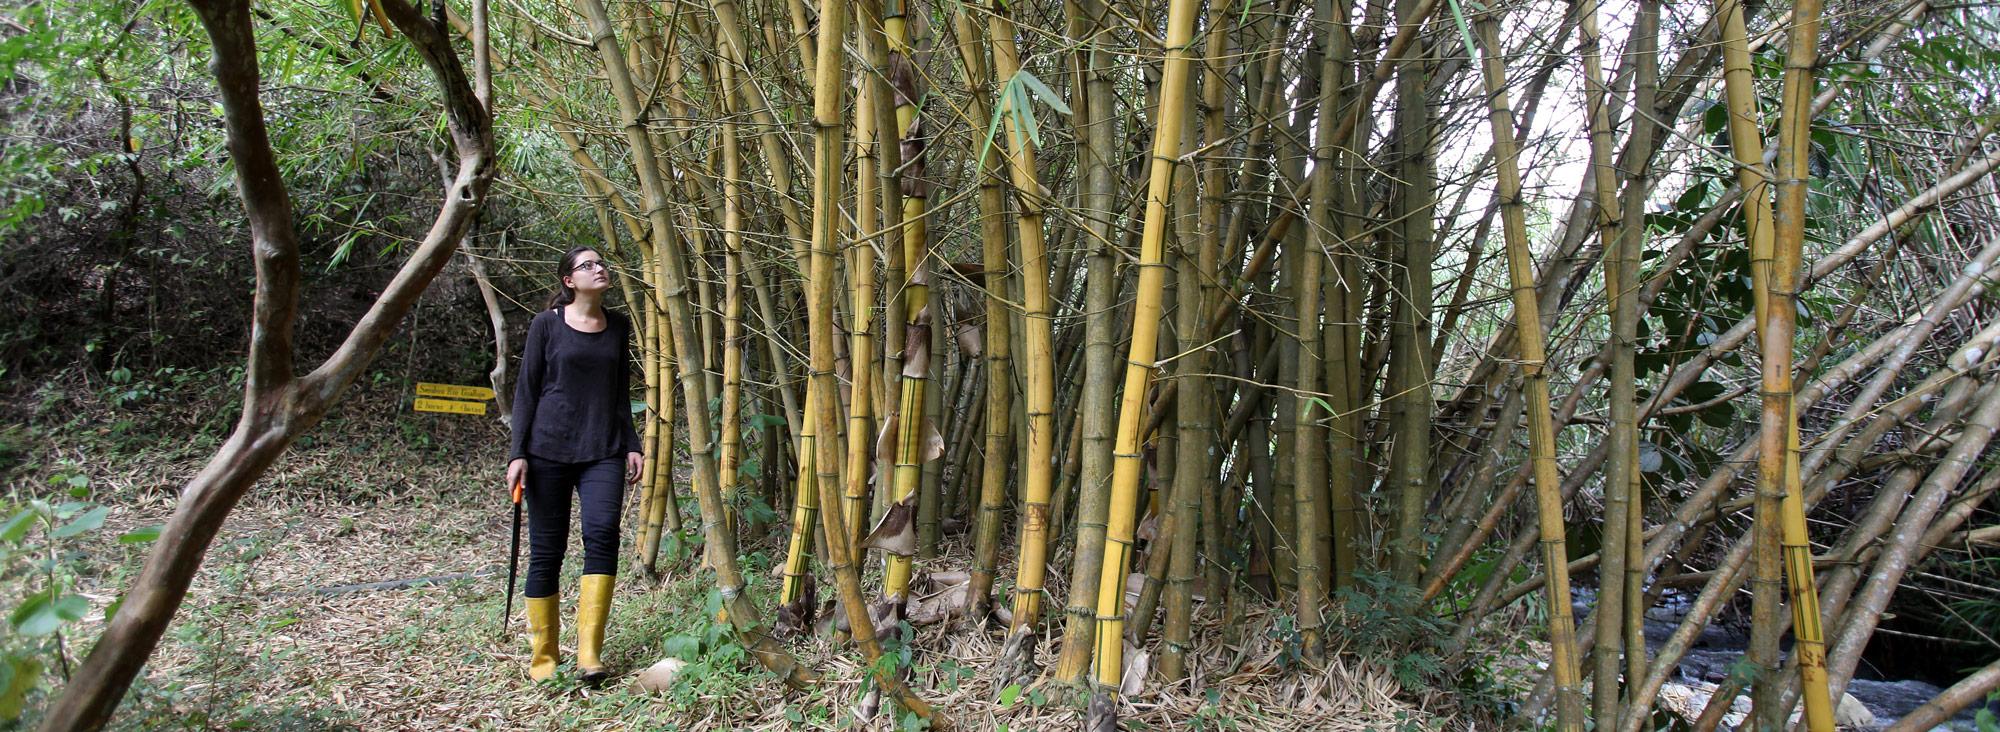 Forestar con bamb es rentable y ecol gico planeta el comercio - Cultivo del bambu ...